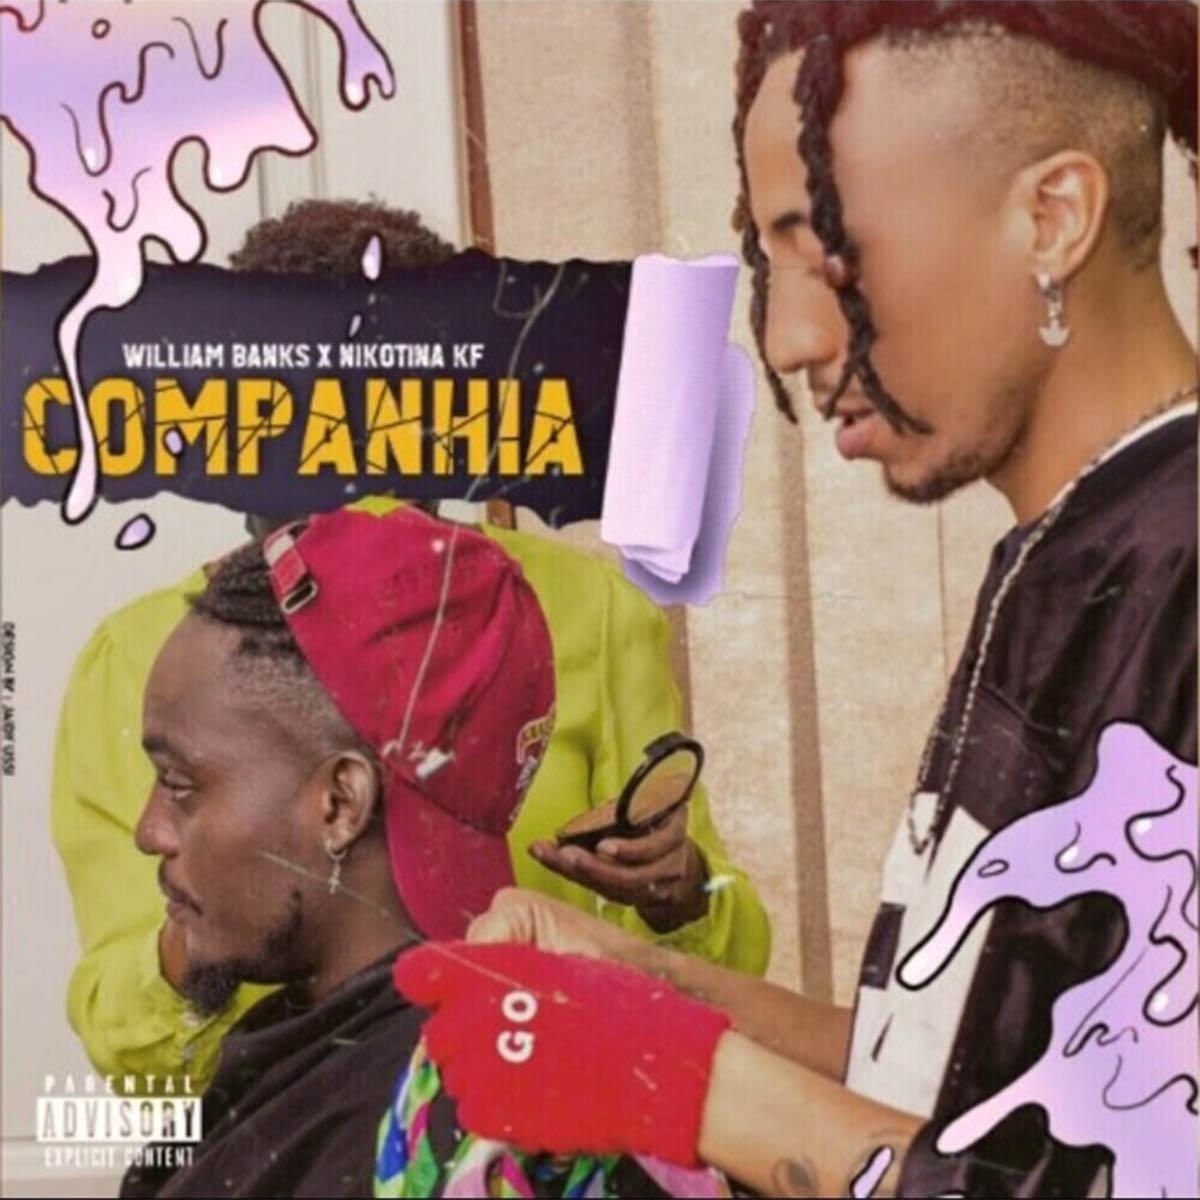 Lil Banks - Companhia (feat. Nikotina KF)